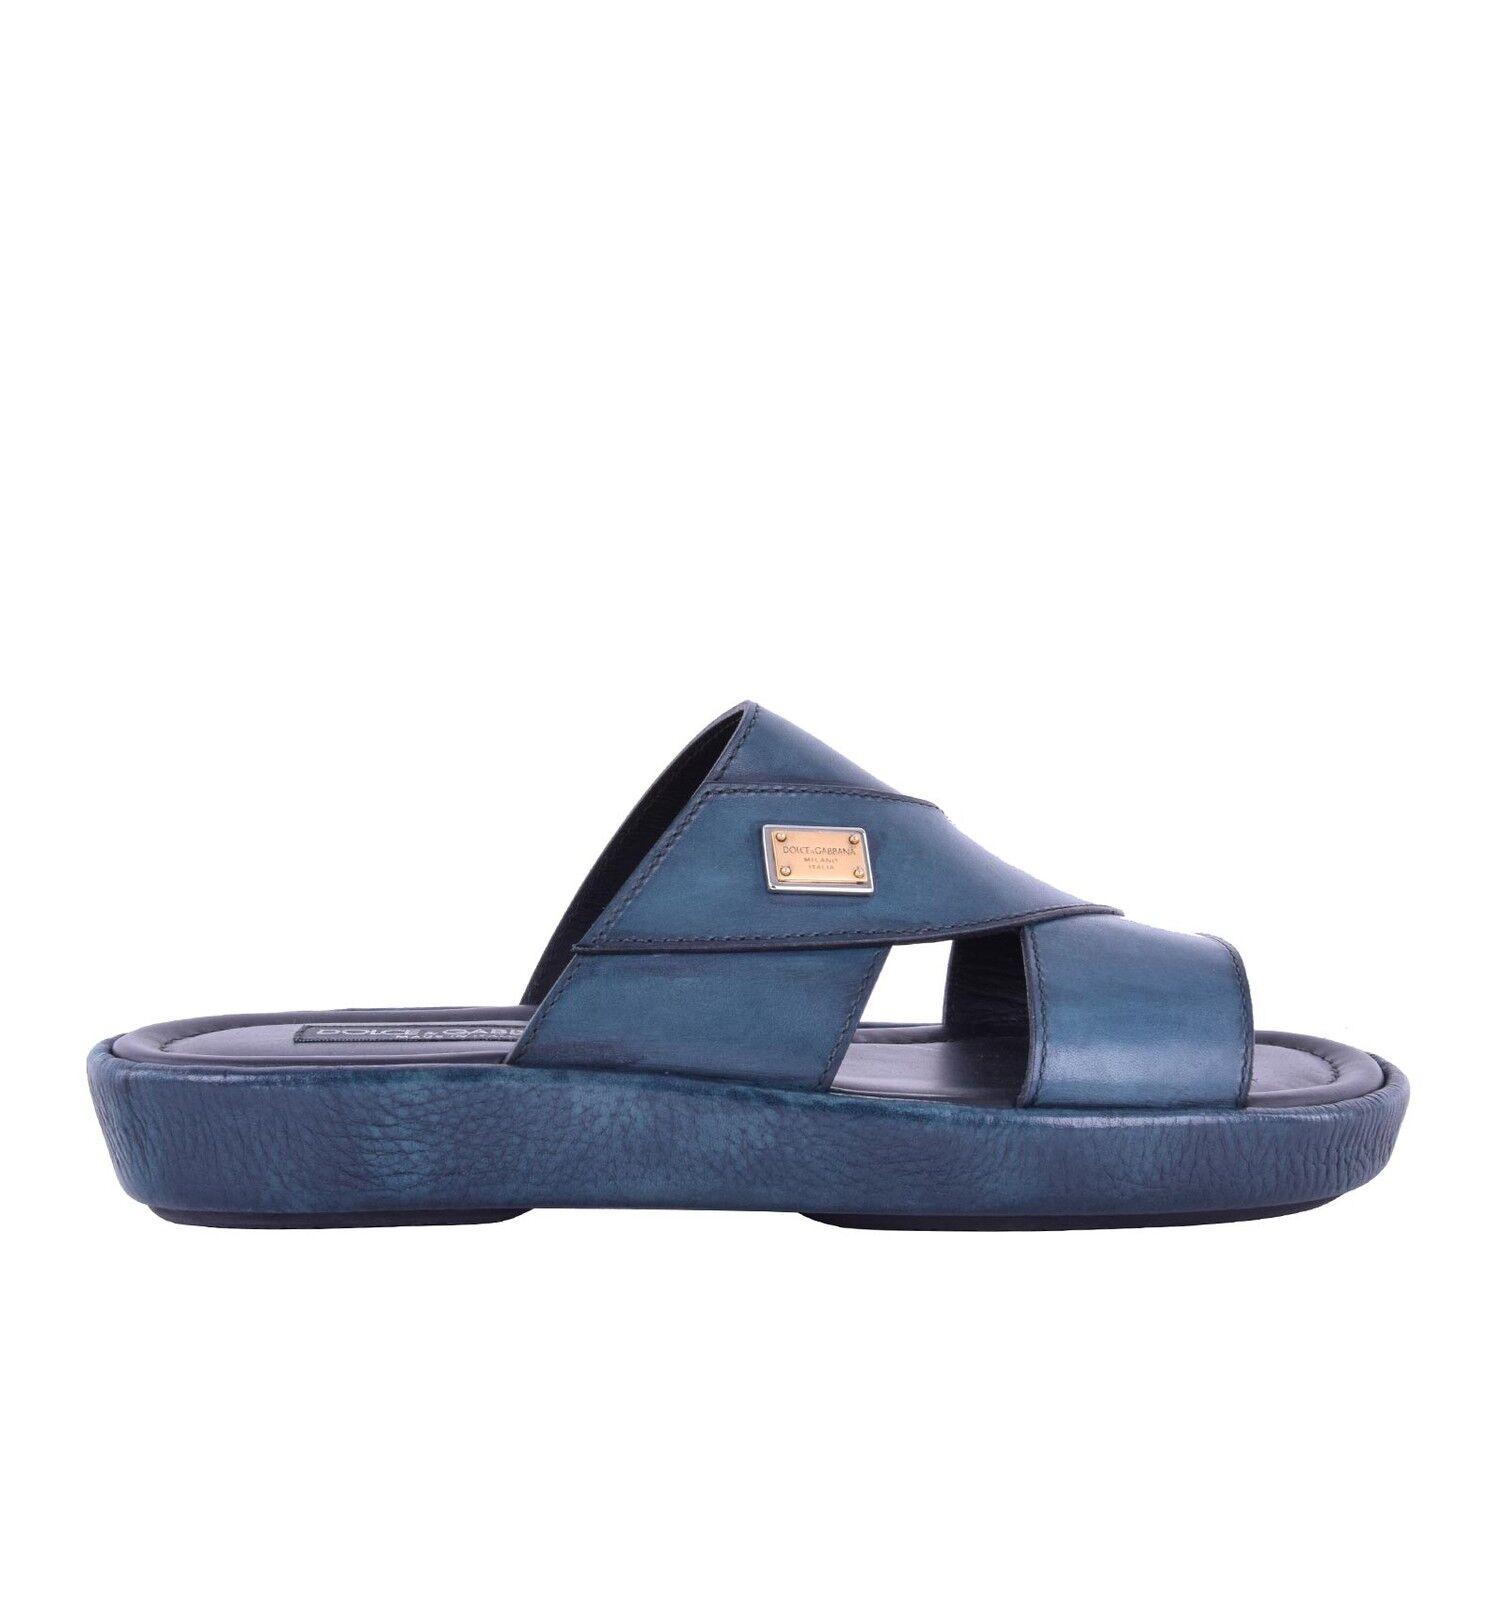 DOLCE & GABBANA Leder Sandalen MEDITERRANEO mit Logo Grün Schuhe Sandals 05217